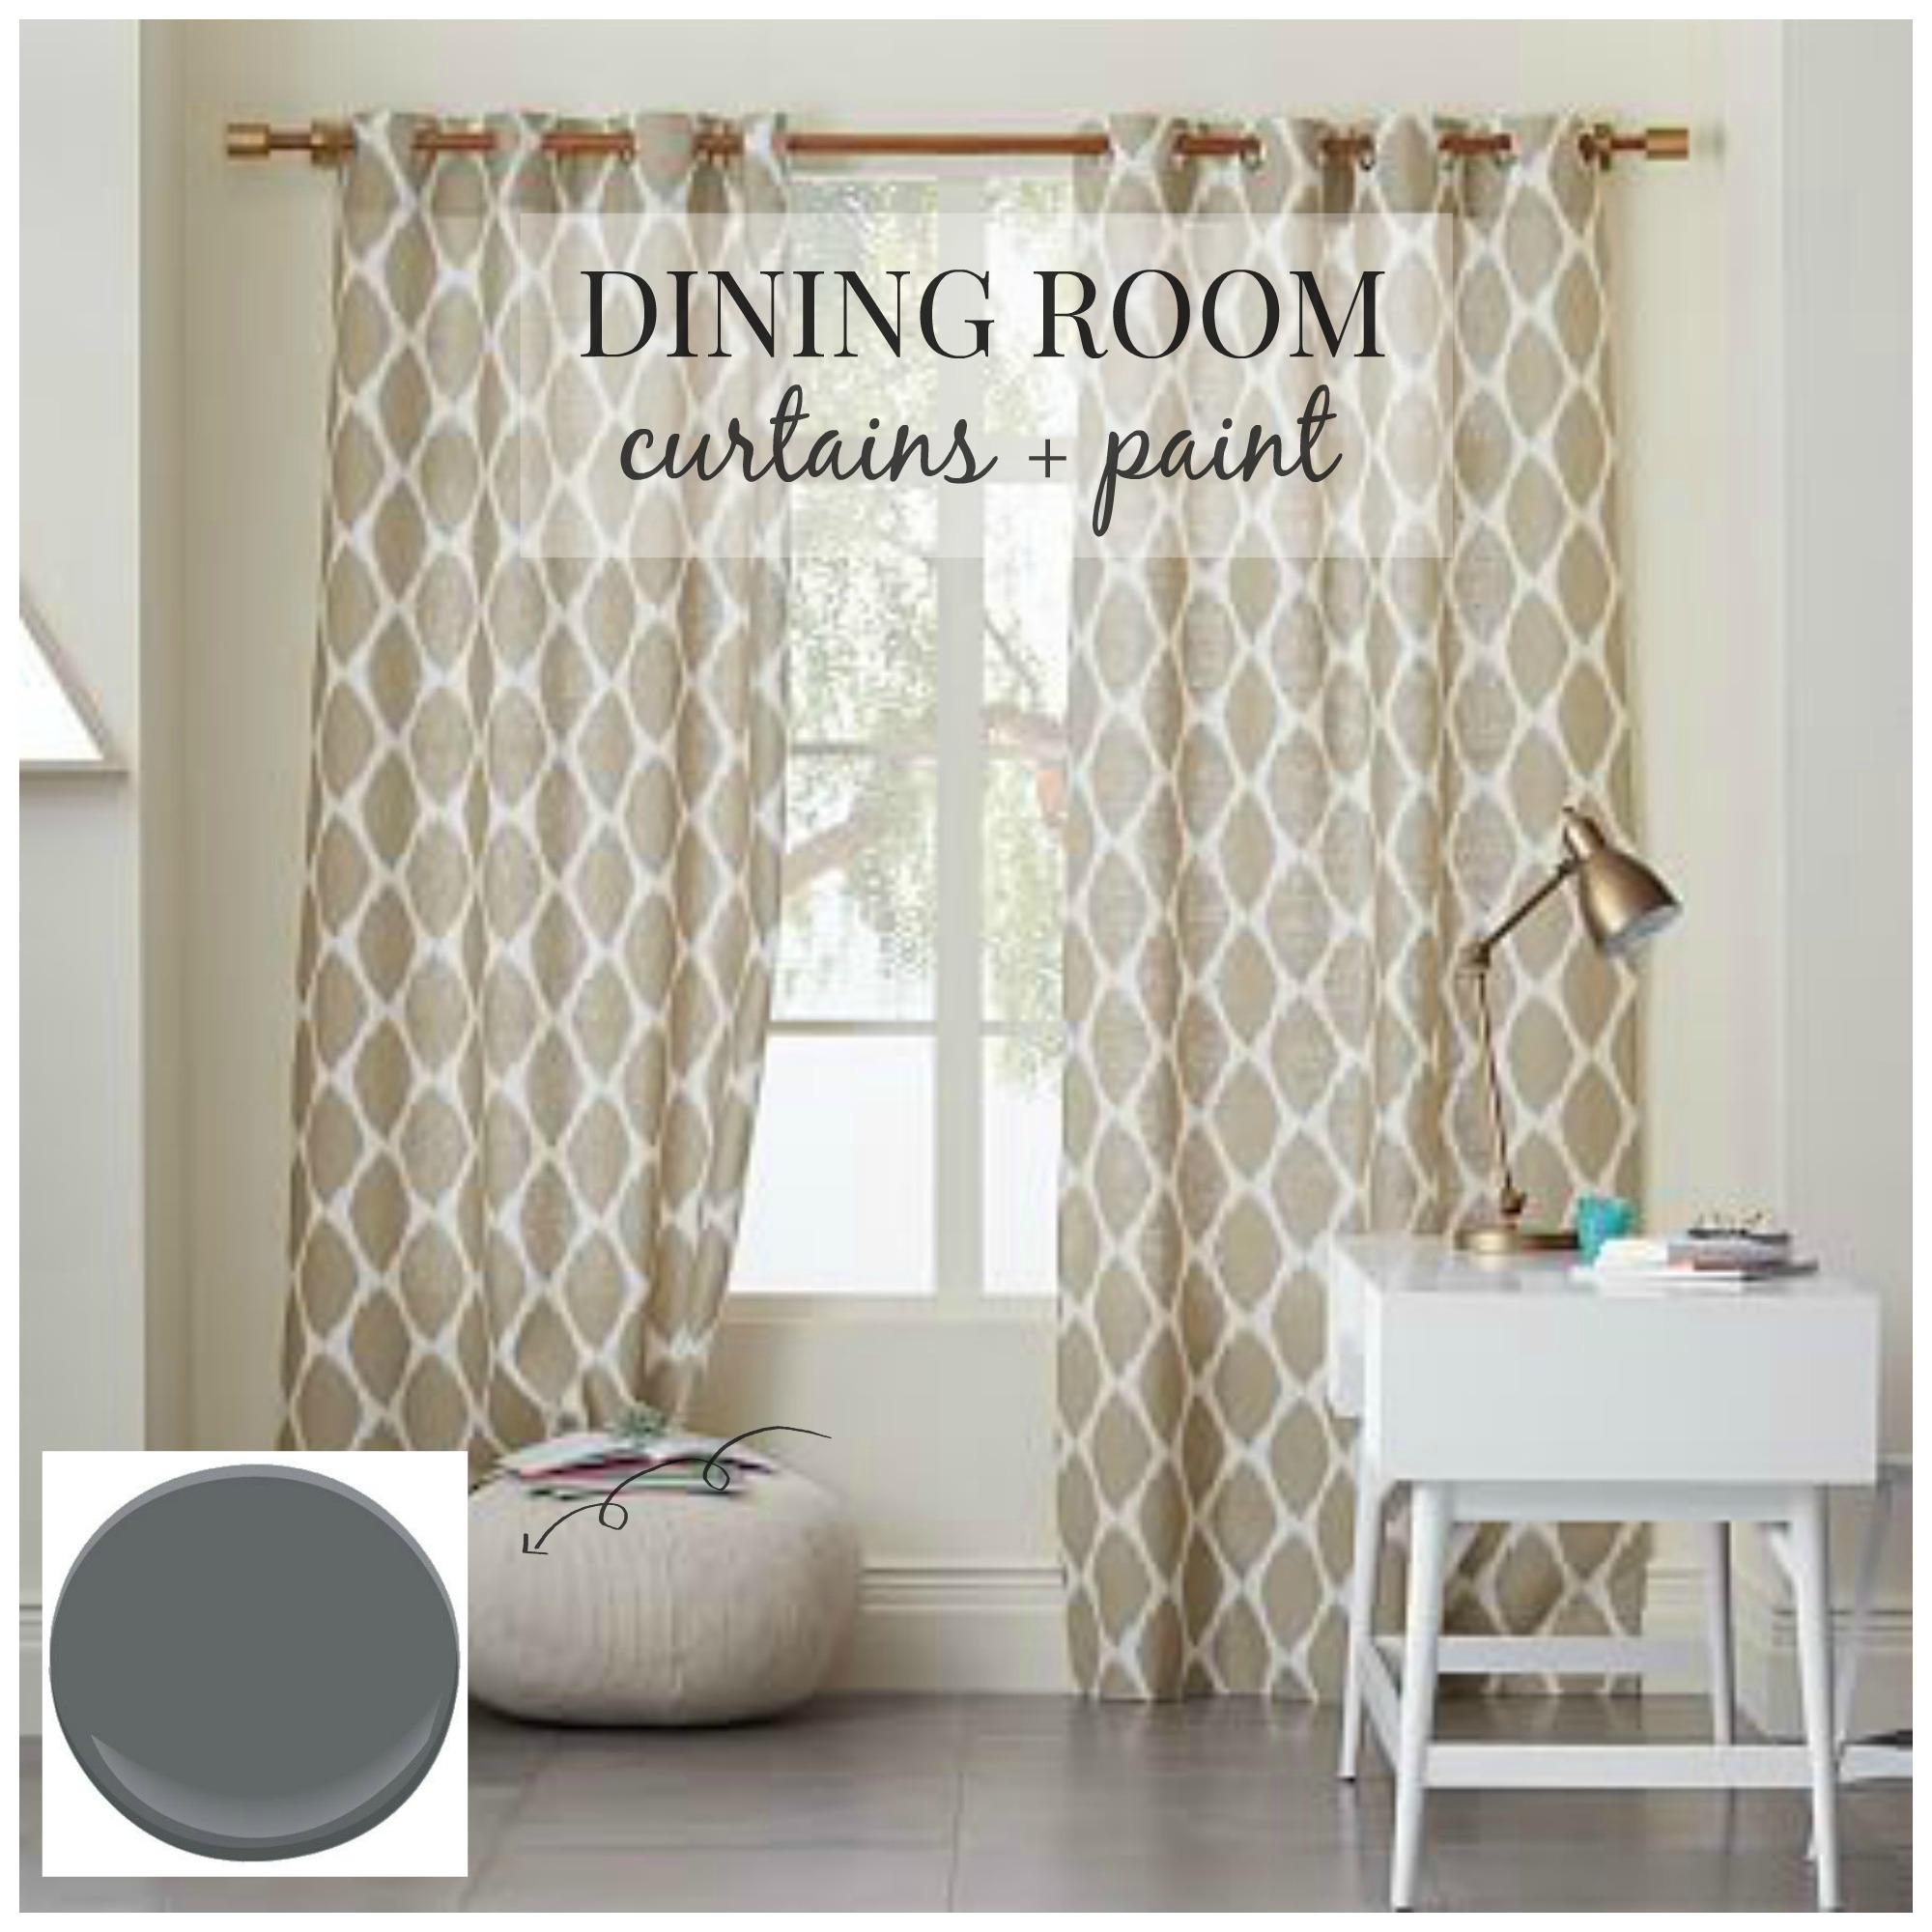 Dining Room Design-Curtains + Paint - City Farmhouse on Dining Room Curtain Ideas  id=27743